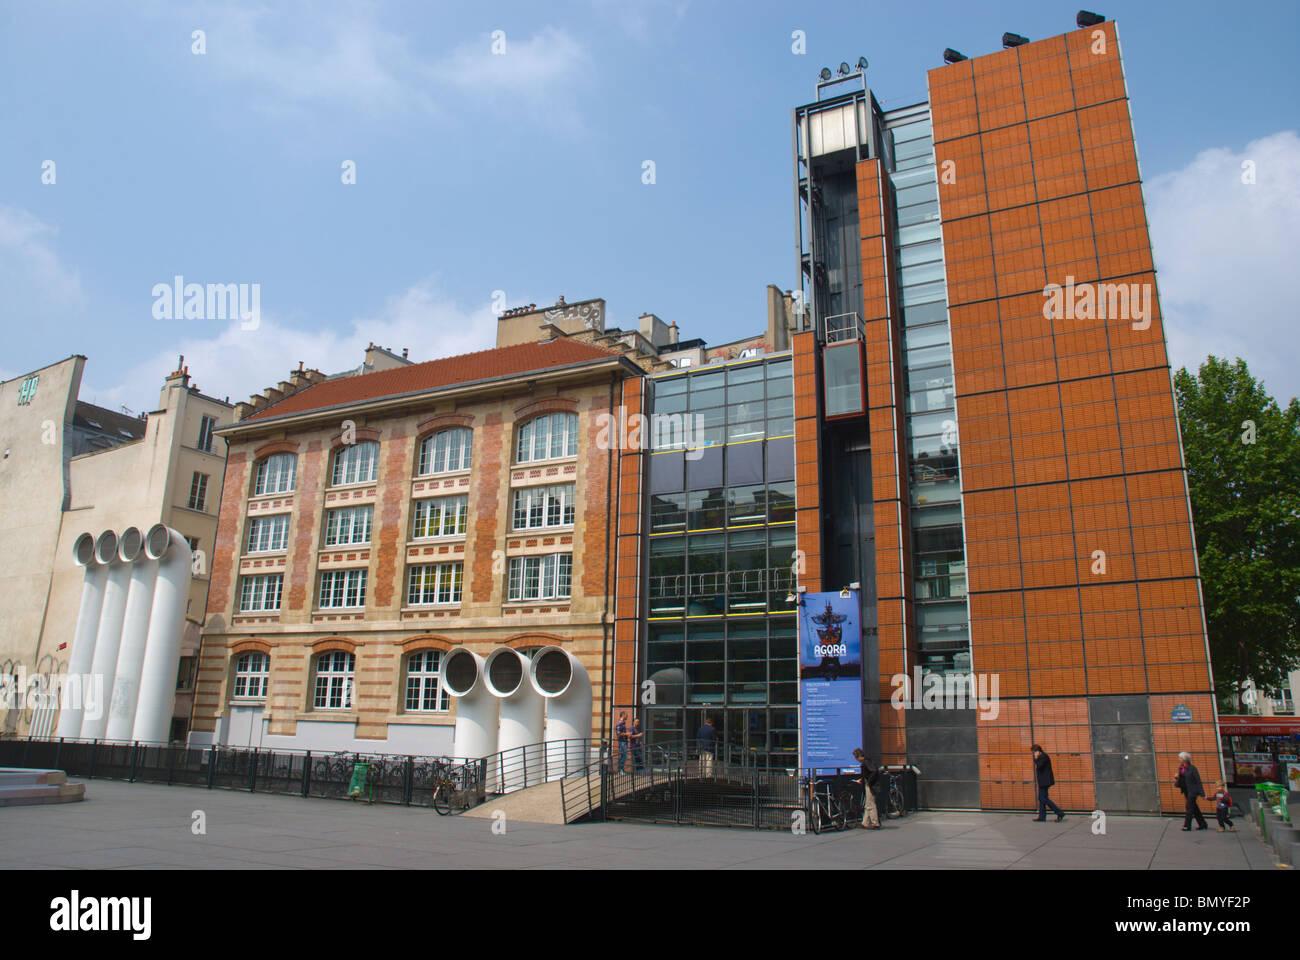 Centre Pompidou extension building Le Marais district central Paris France Europe - Stock Image